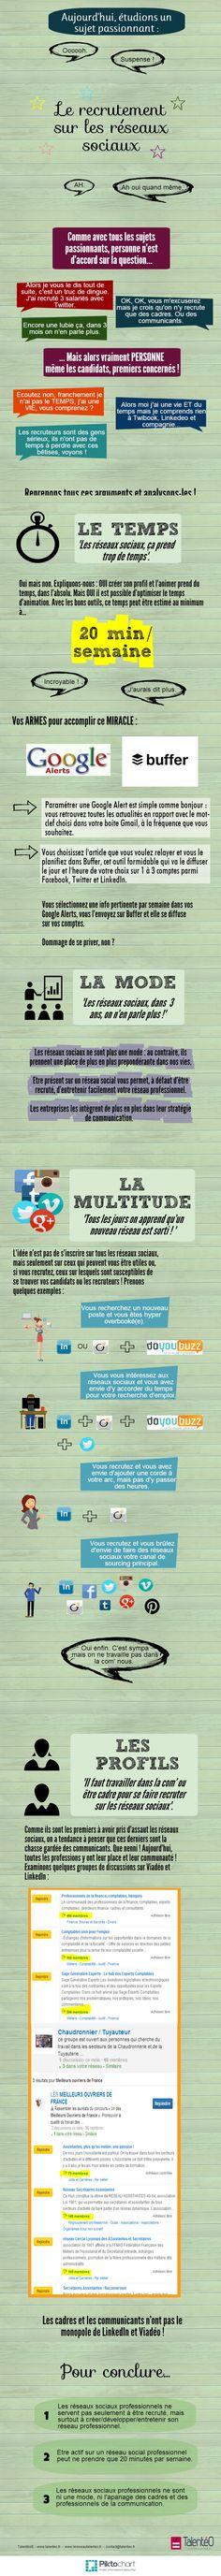 Infographie-Le-recrutement-sur-les-réseaux-sociaux.jpg 800×9333 pixels